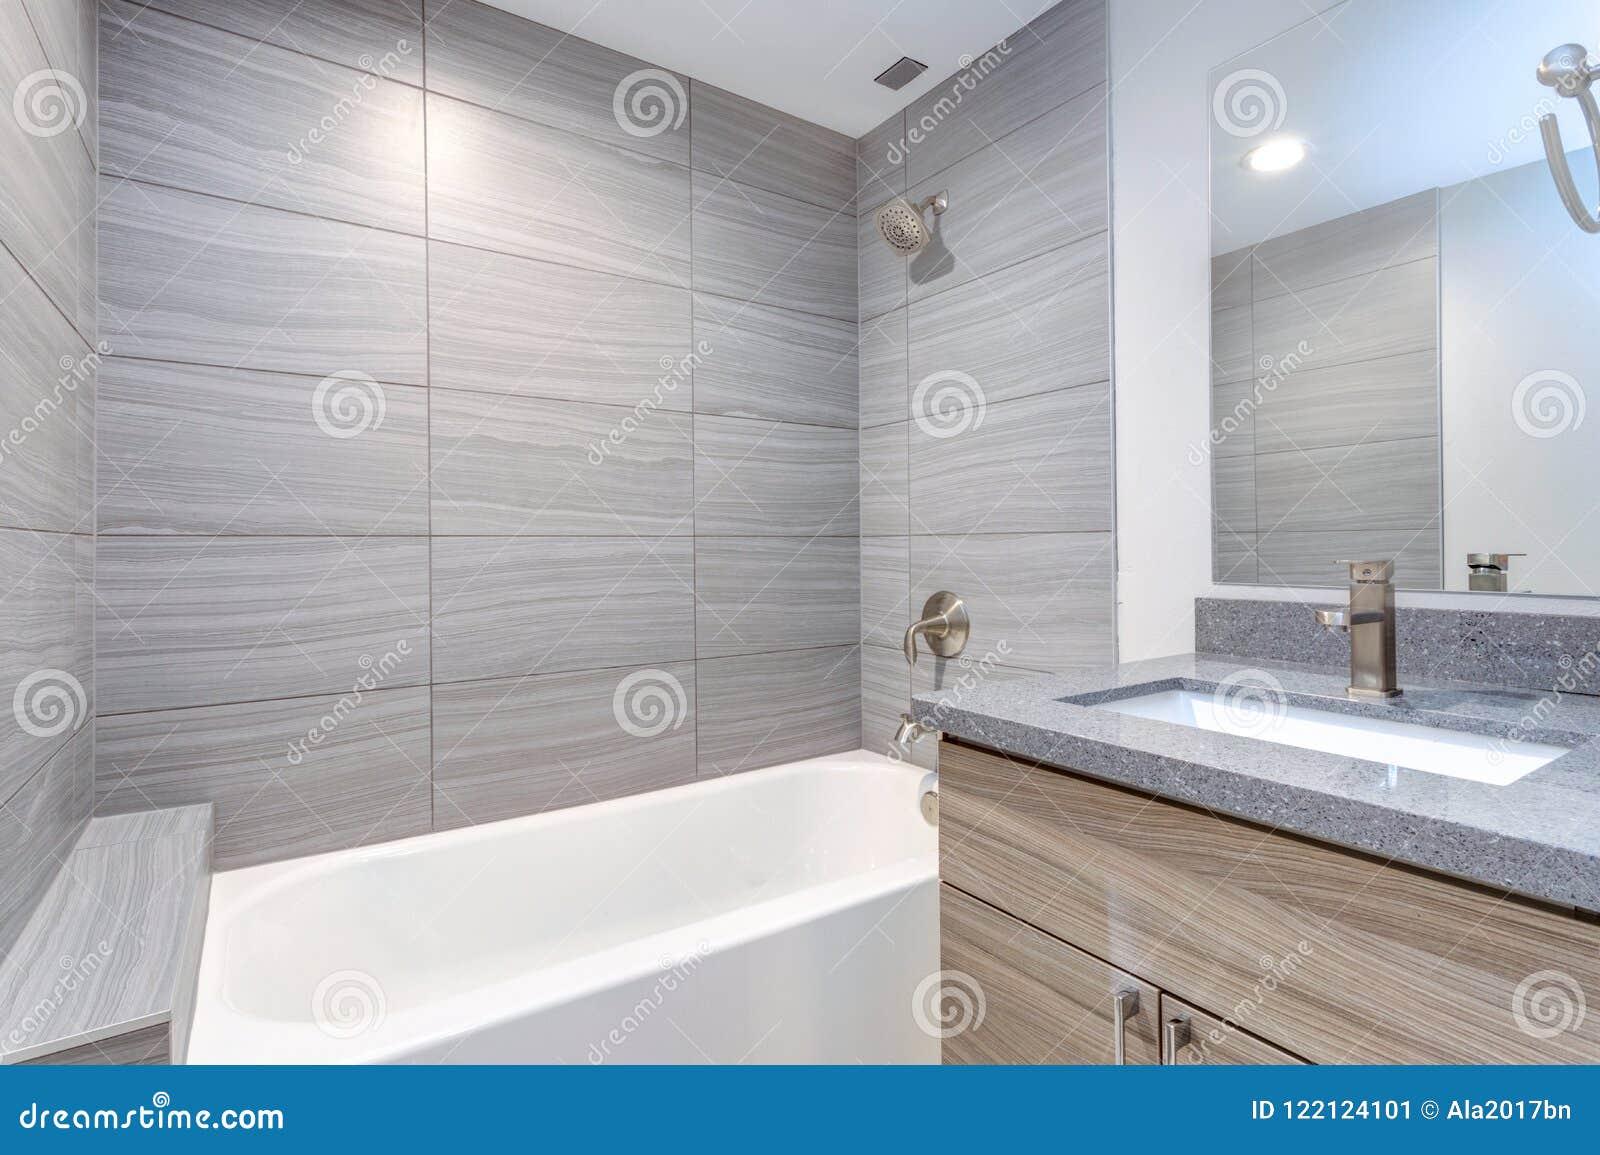 Interno Del Bagno Moderno Grigio Immagine Stock - Immagine di ...